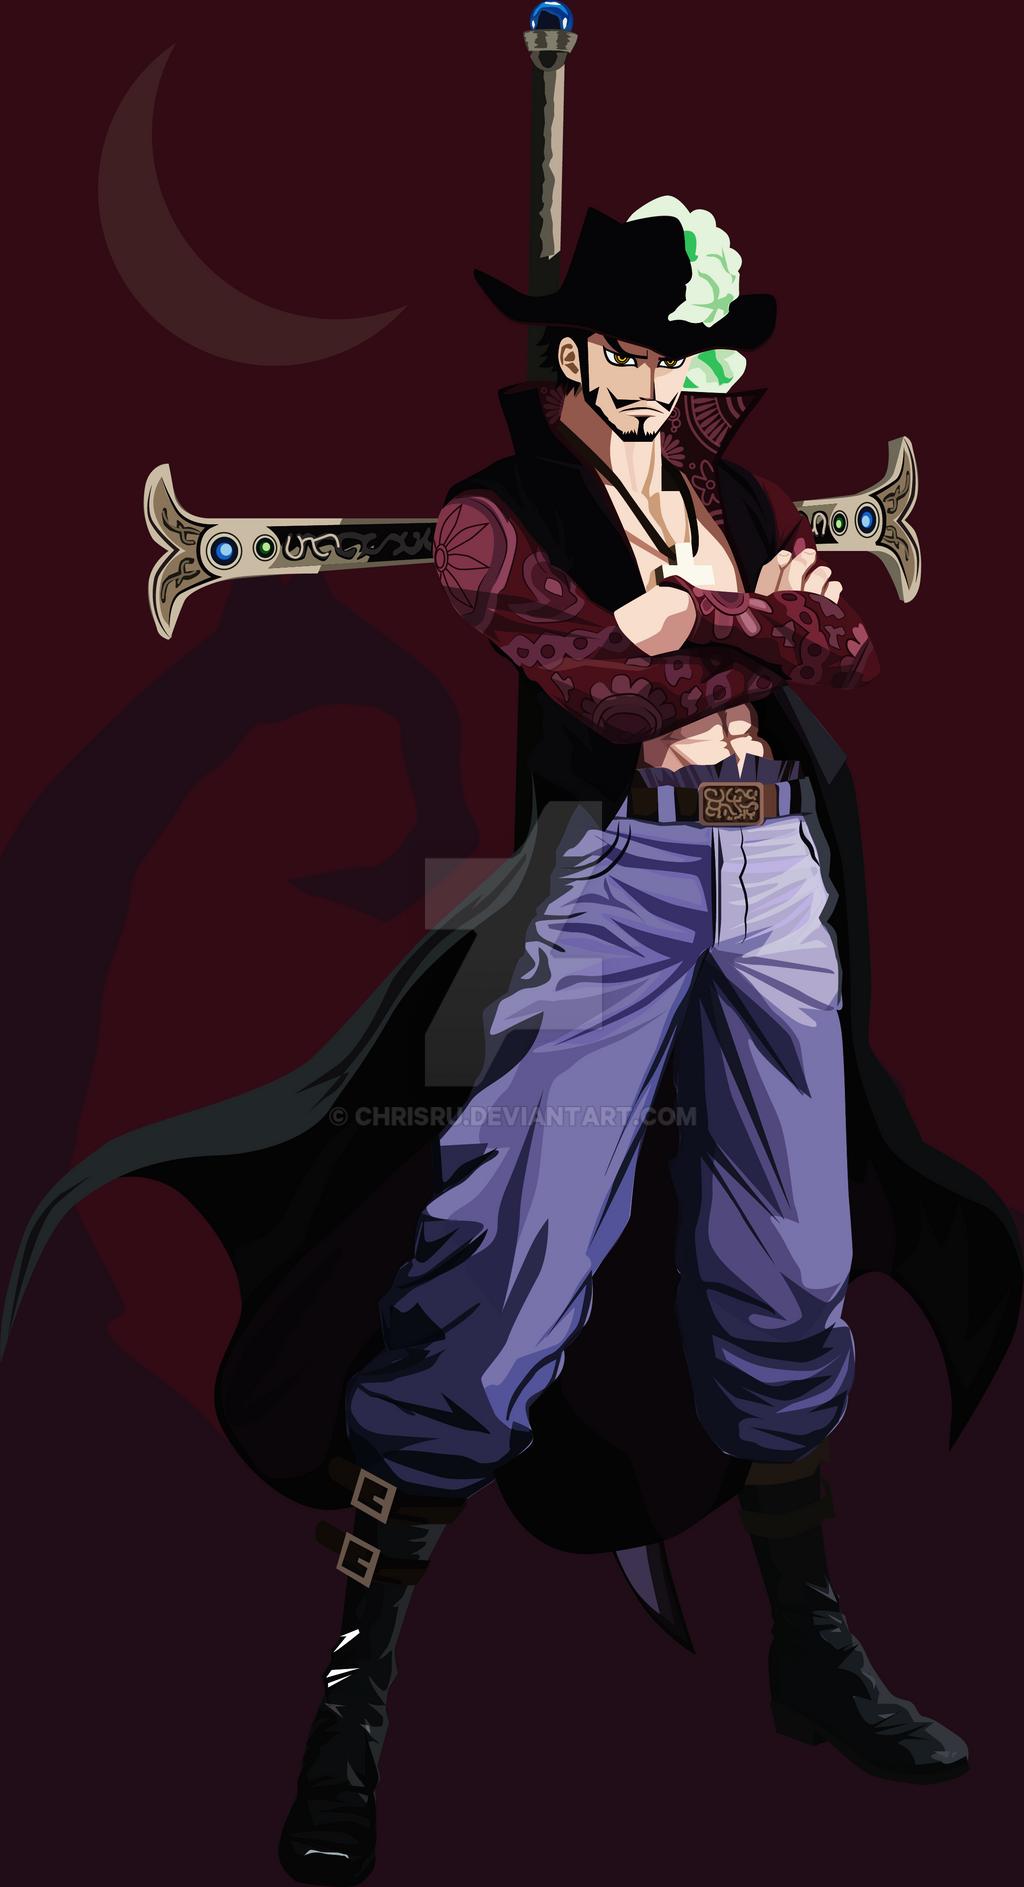 Dracule Mihawk (One Piece Fan art) by Chrisru on DeviantArt